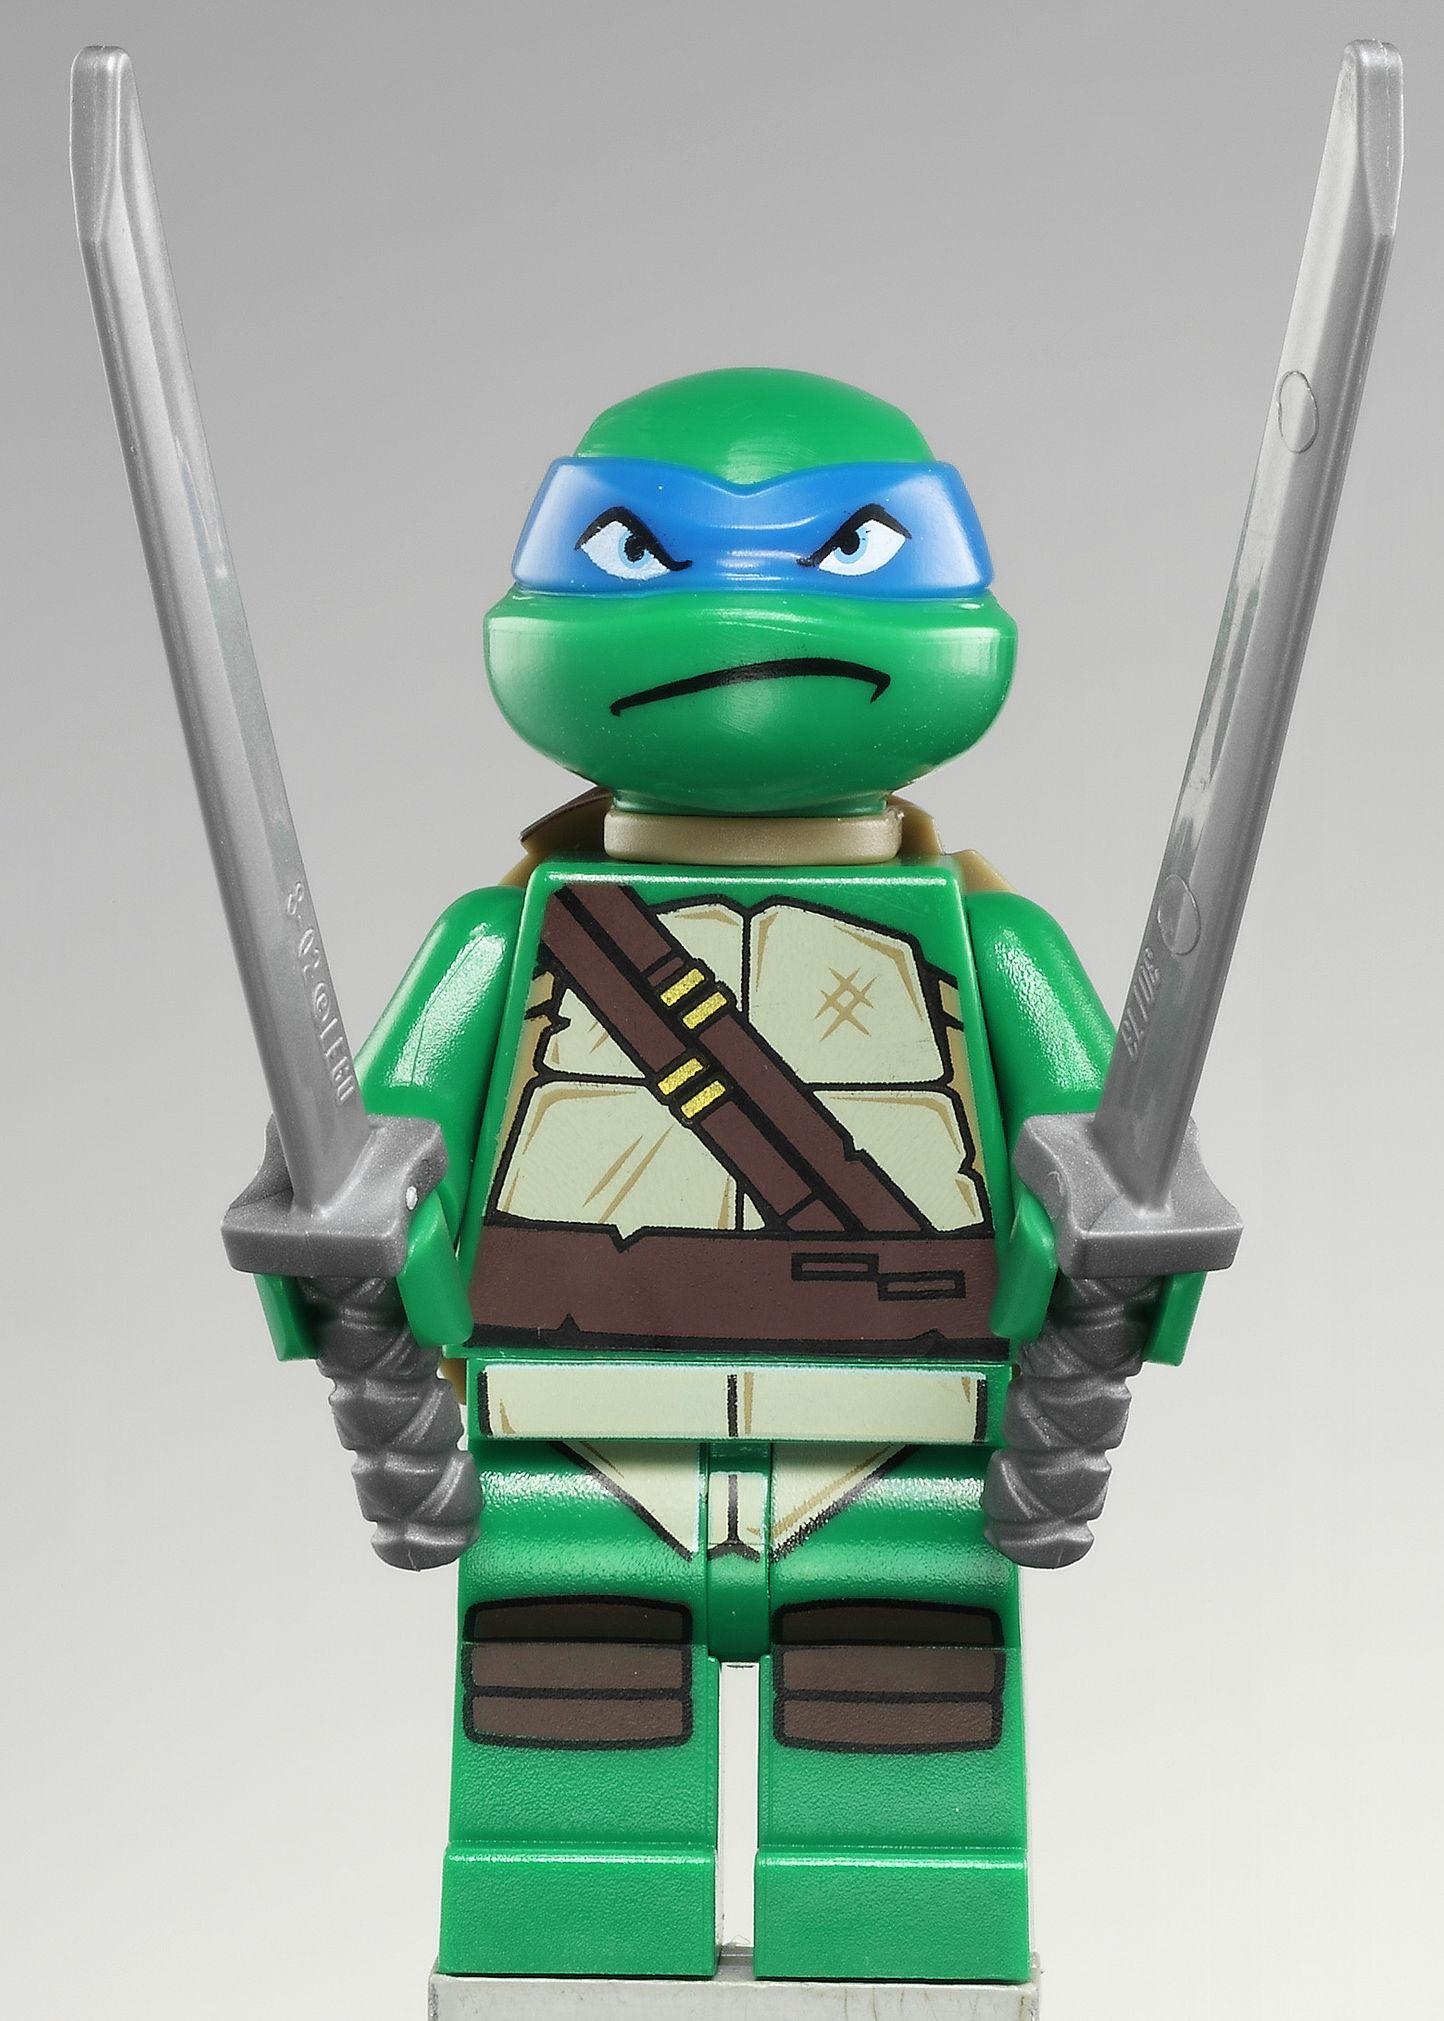 Ninja Turtle Nails: Lego 79104 Teenage Mutant Ninja Turtles